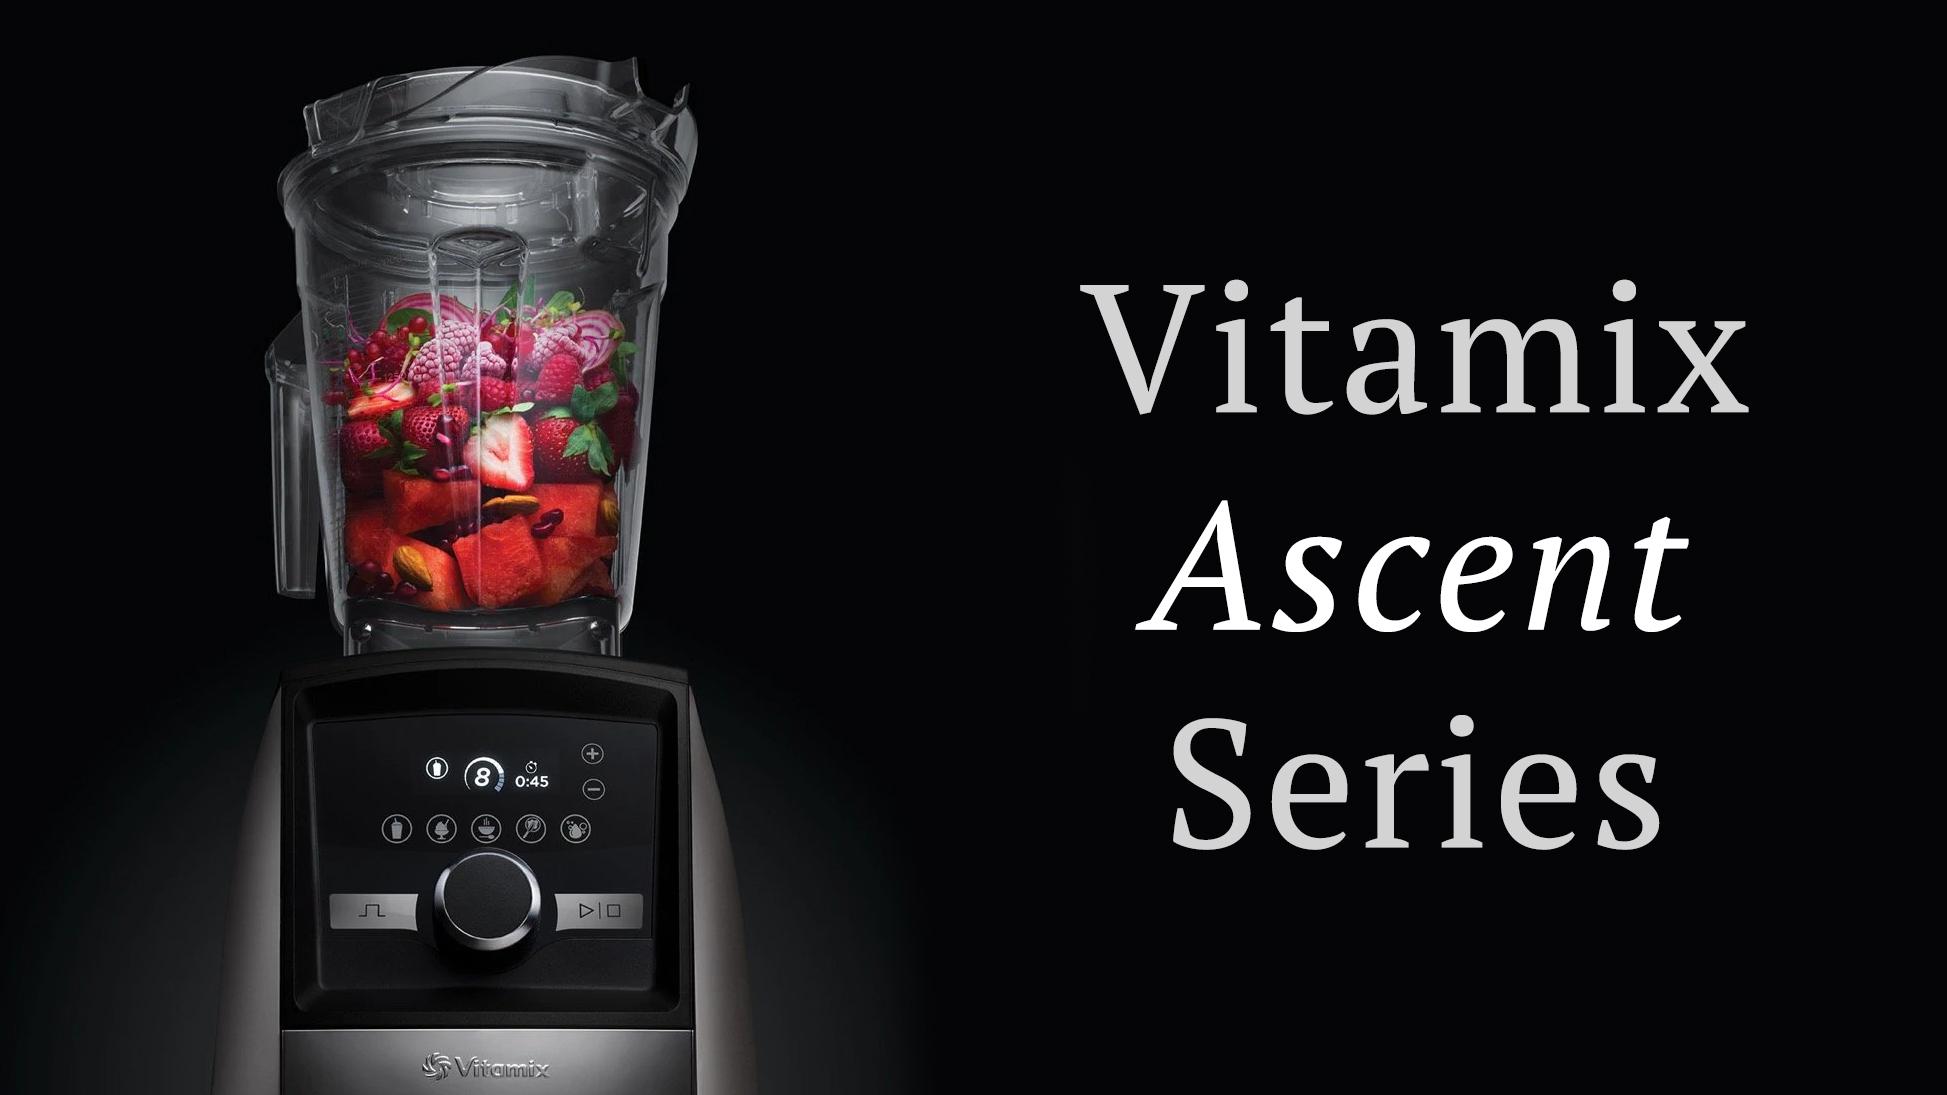 Vitamix ascent series deals